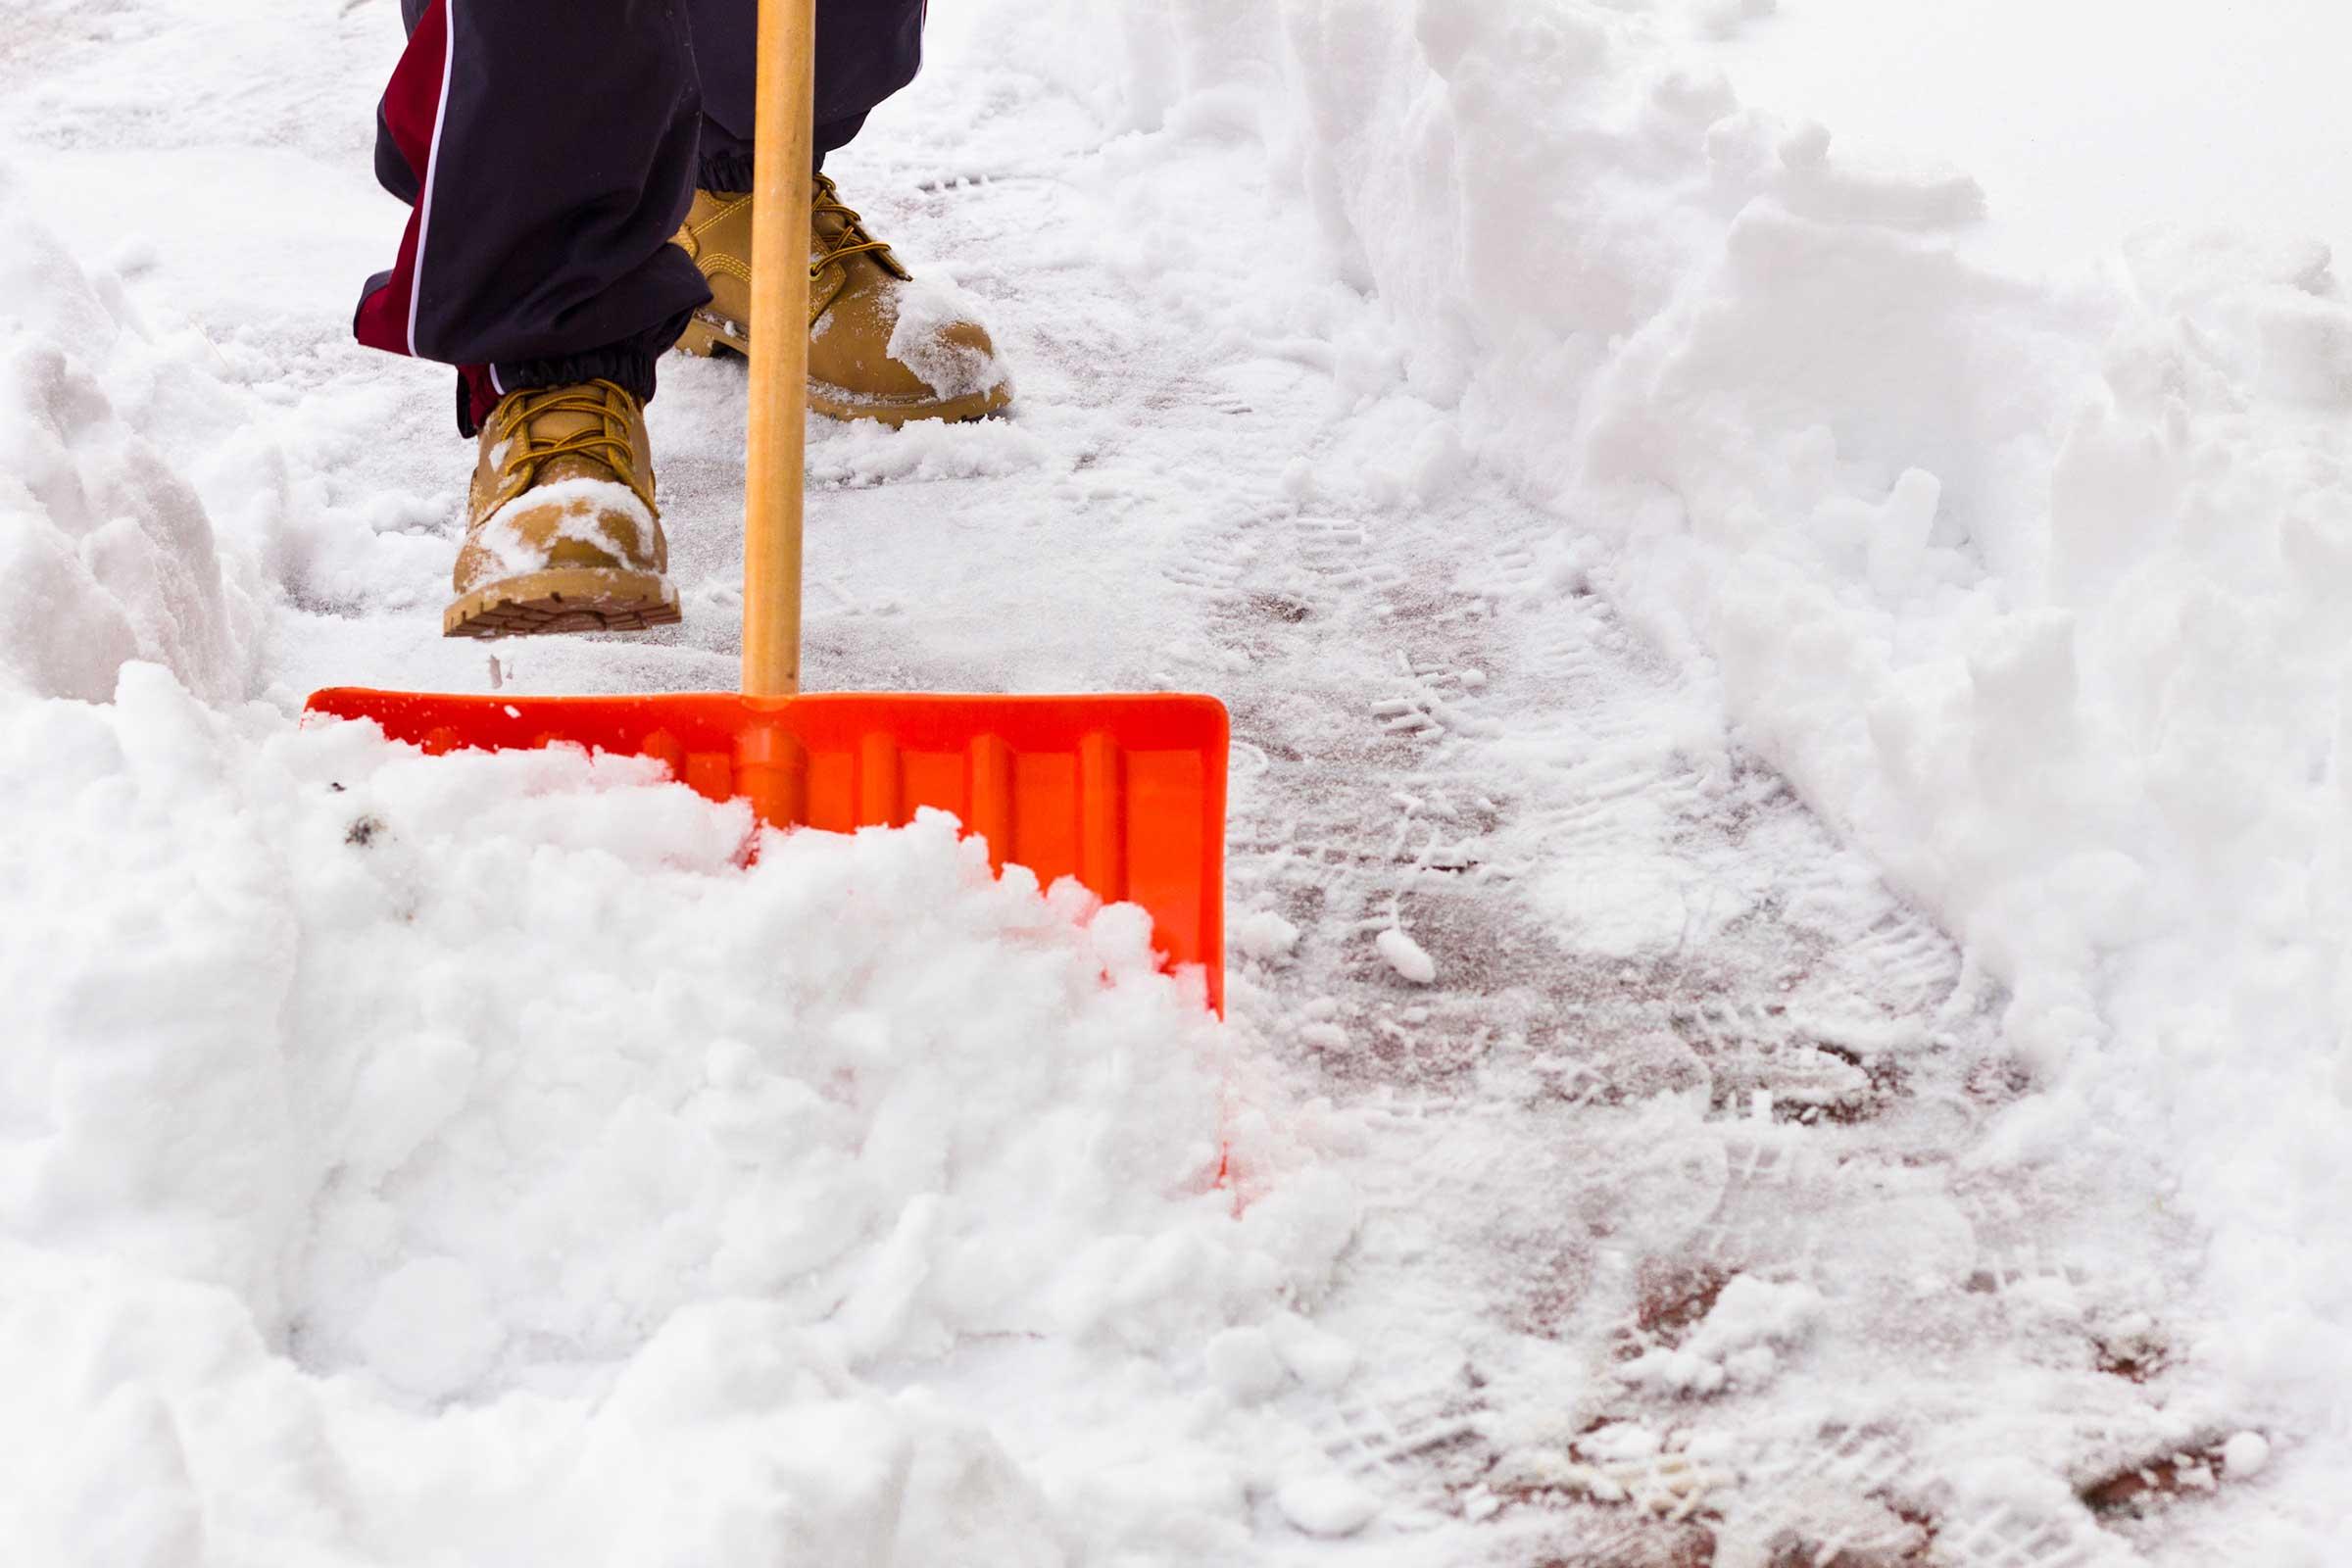 Foto21 Tirando neve Especialistas preveem queda de neve acima da média em NJ